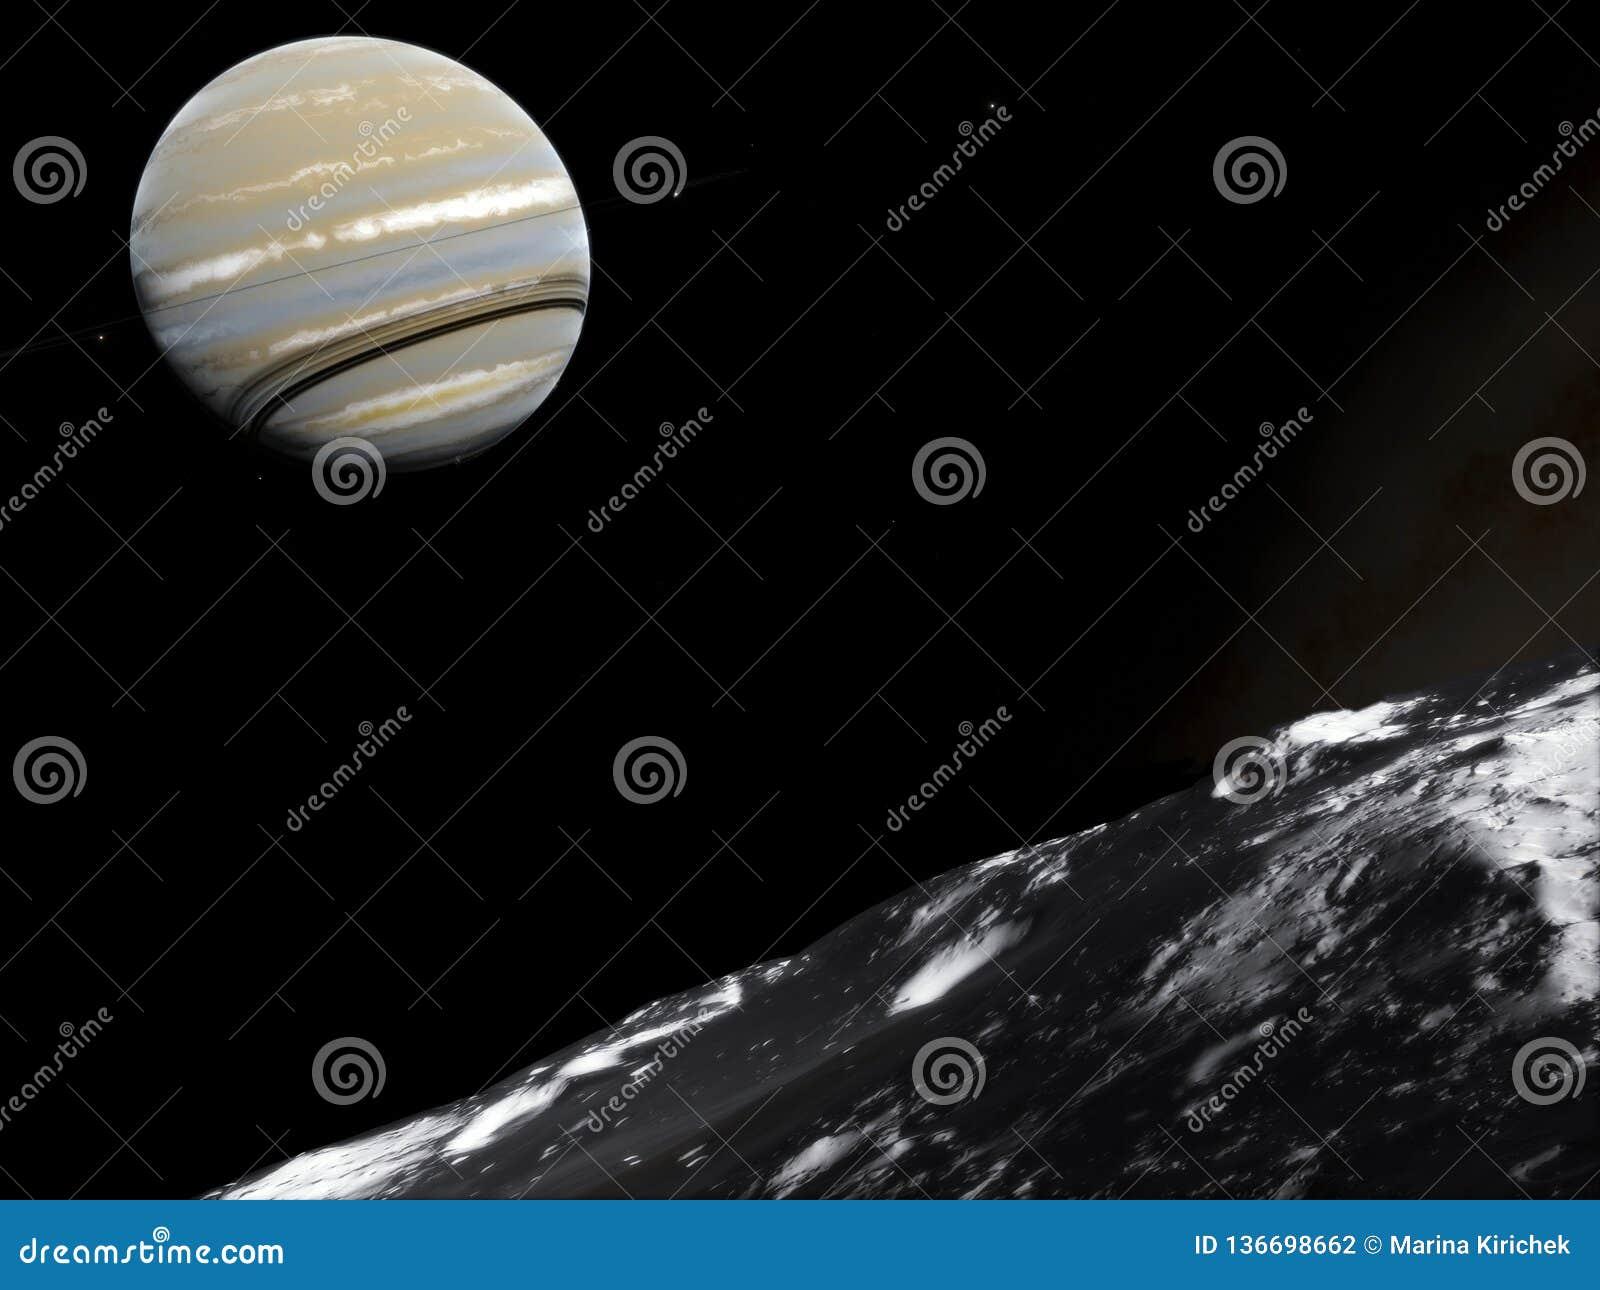 Saturn Обои космоса научной фантастики, неимоверно красивые планеты, галактики, темнота и холодная красота бесконечного